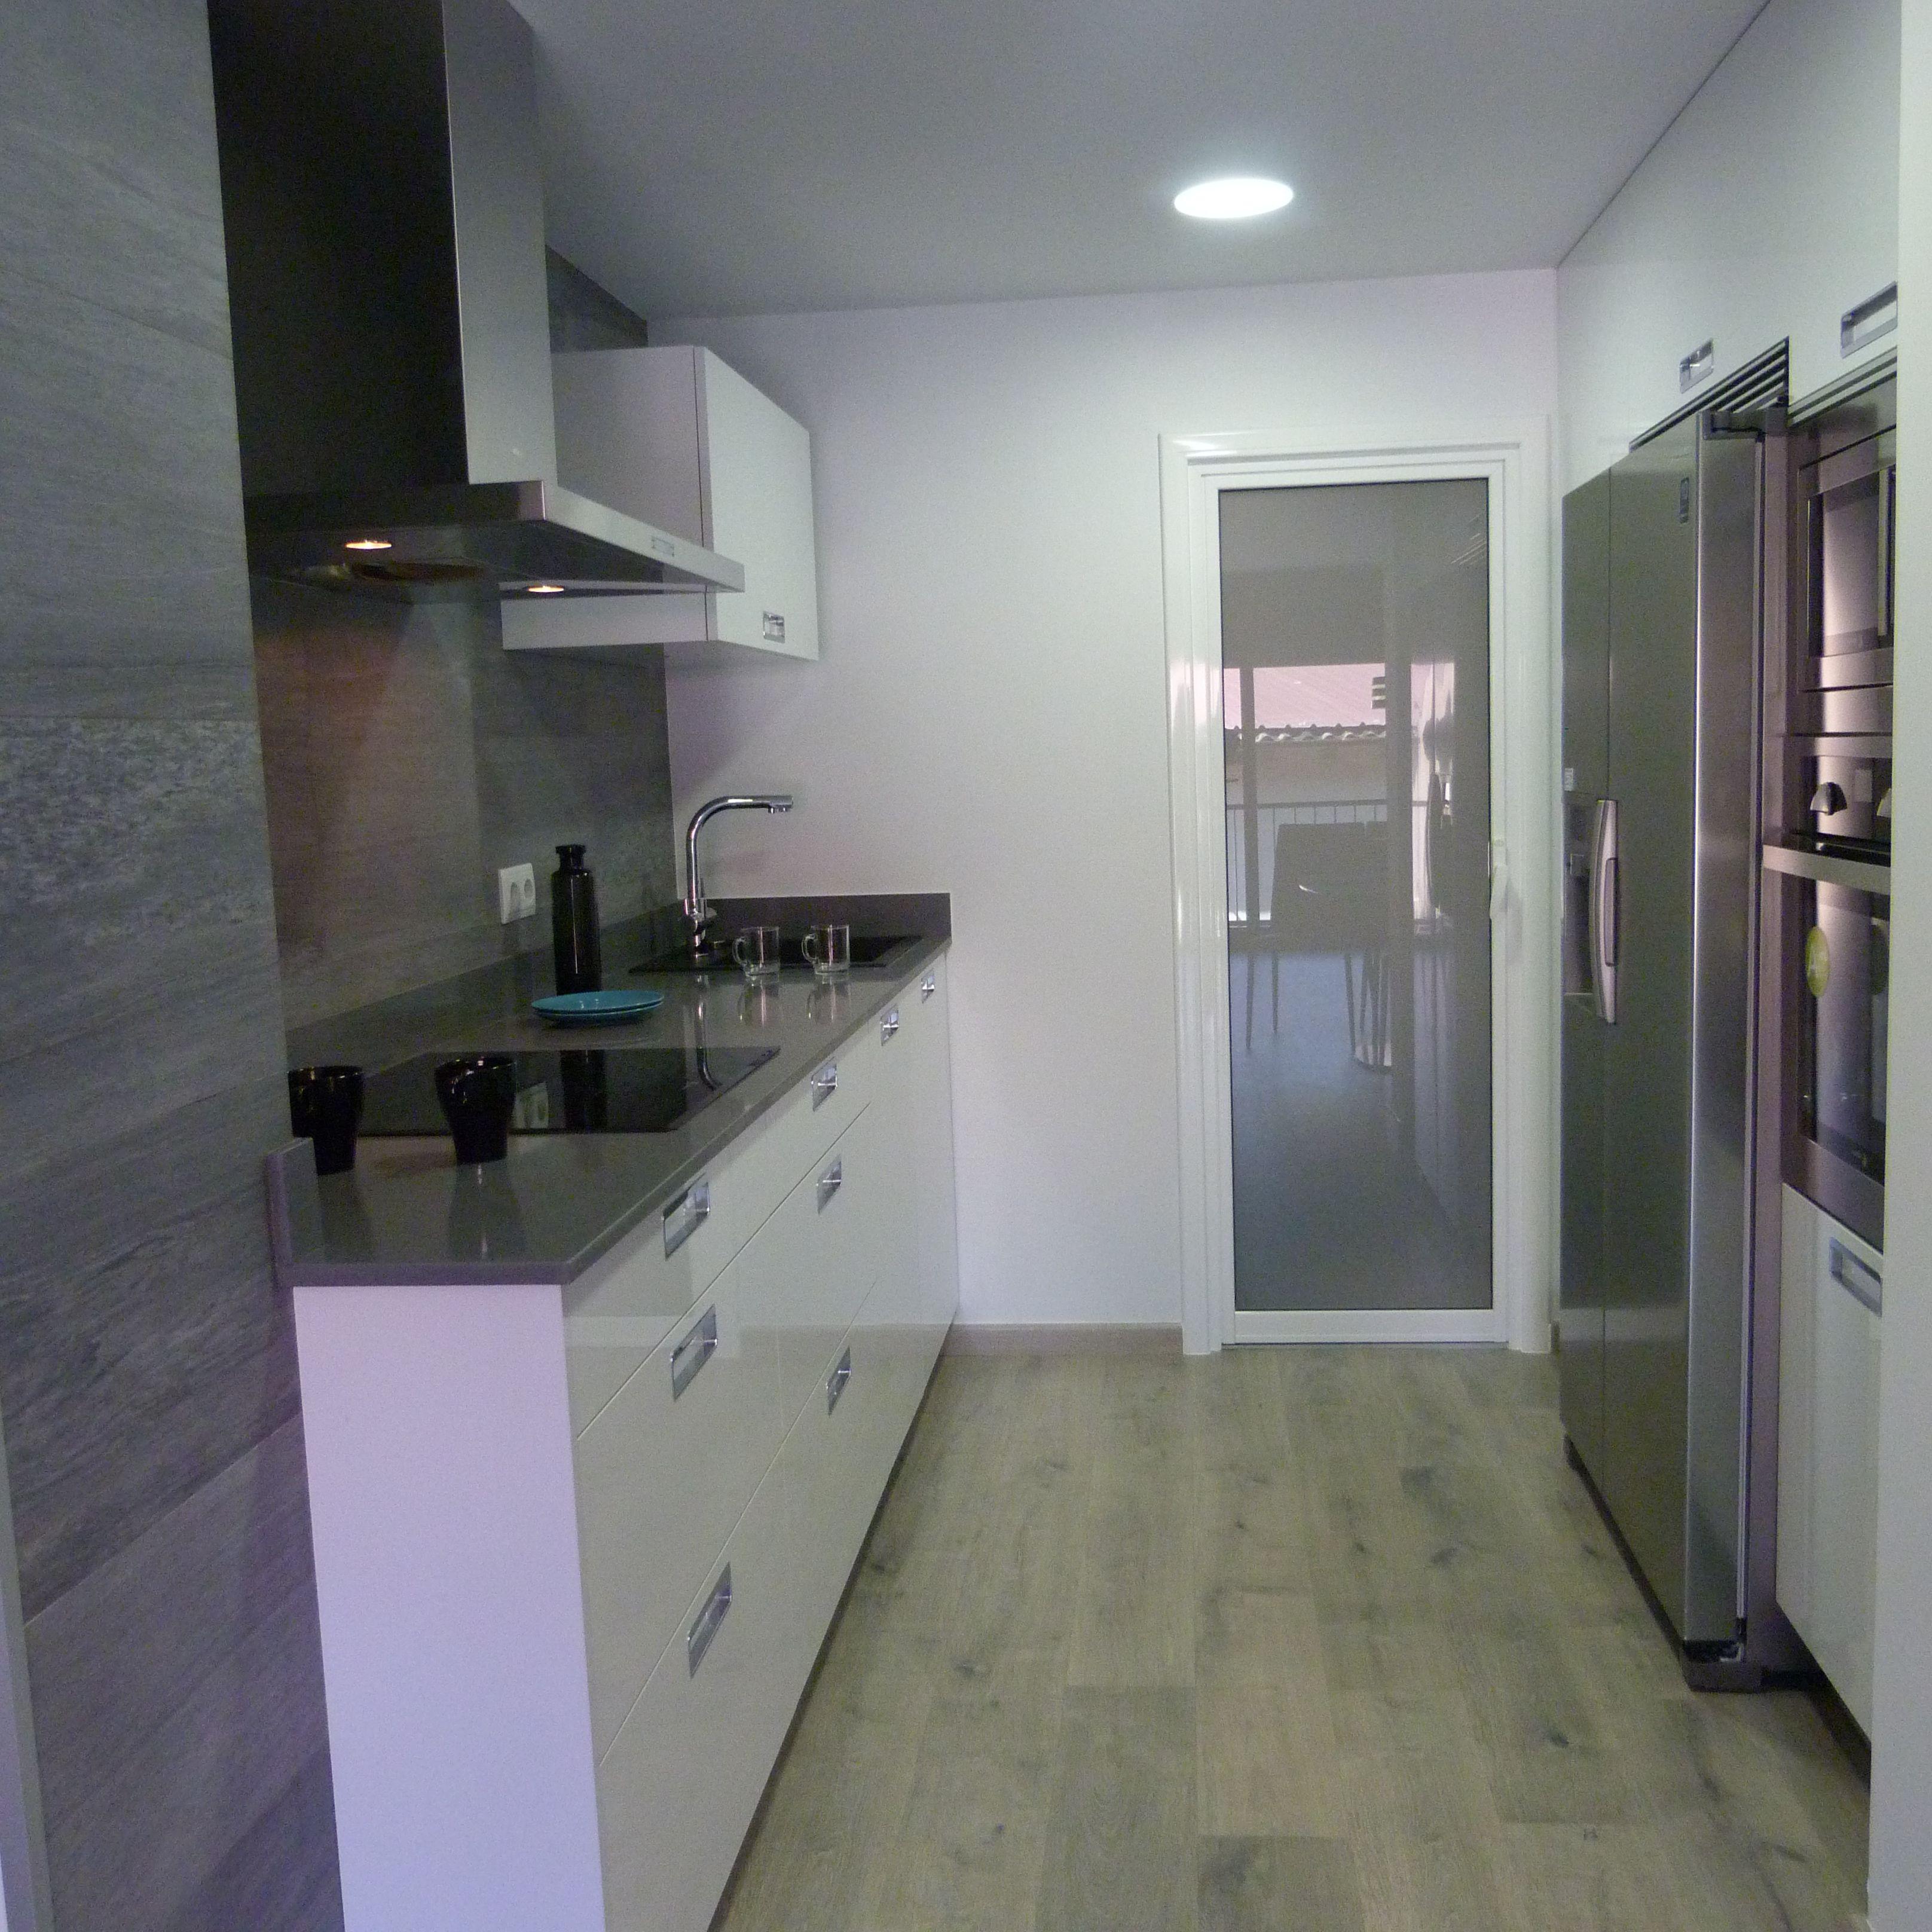 mobiliario cocina SANTOS modelo Plano, blanco brillo, silestone gris ...